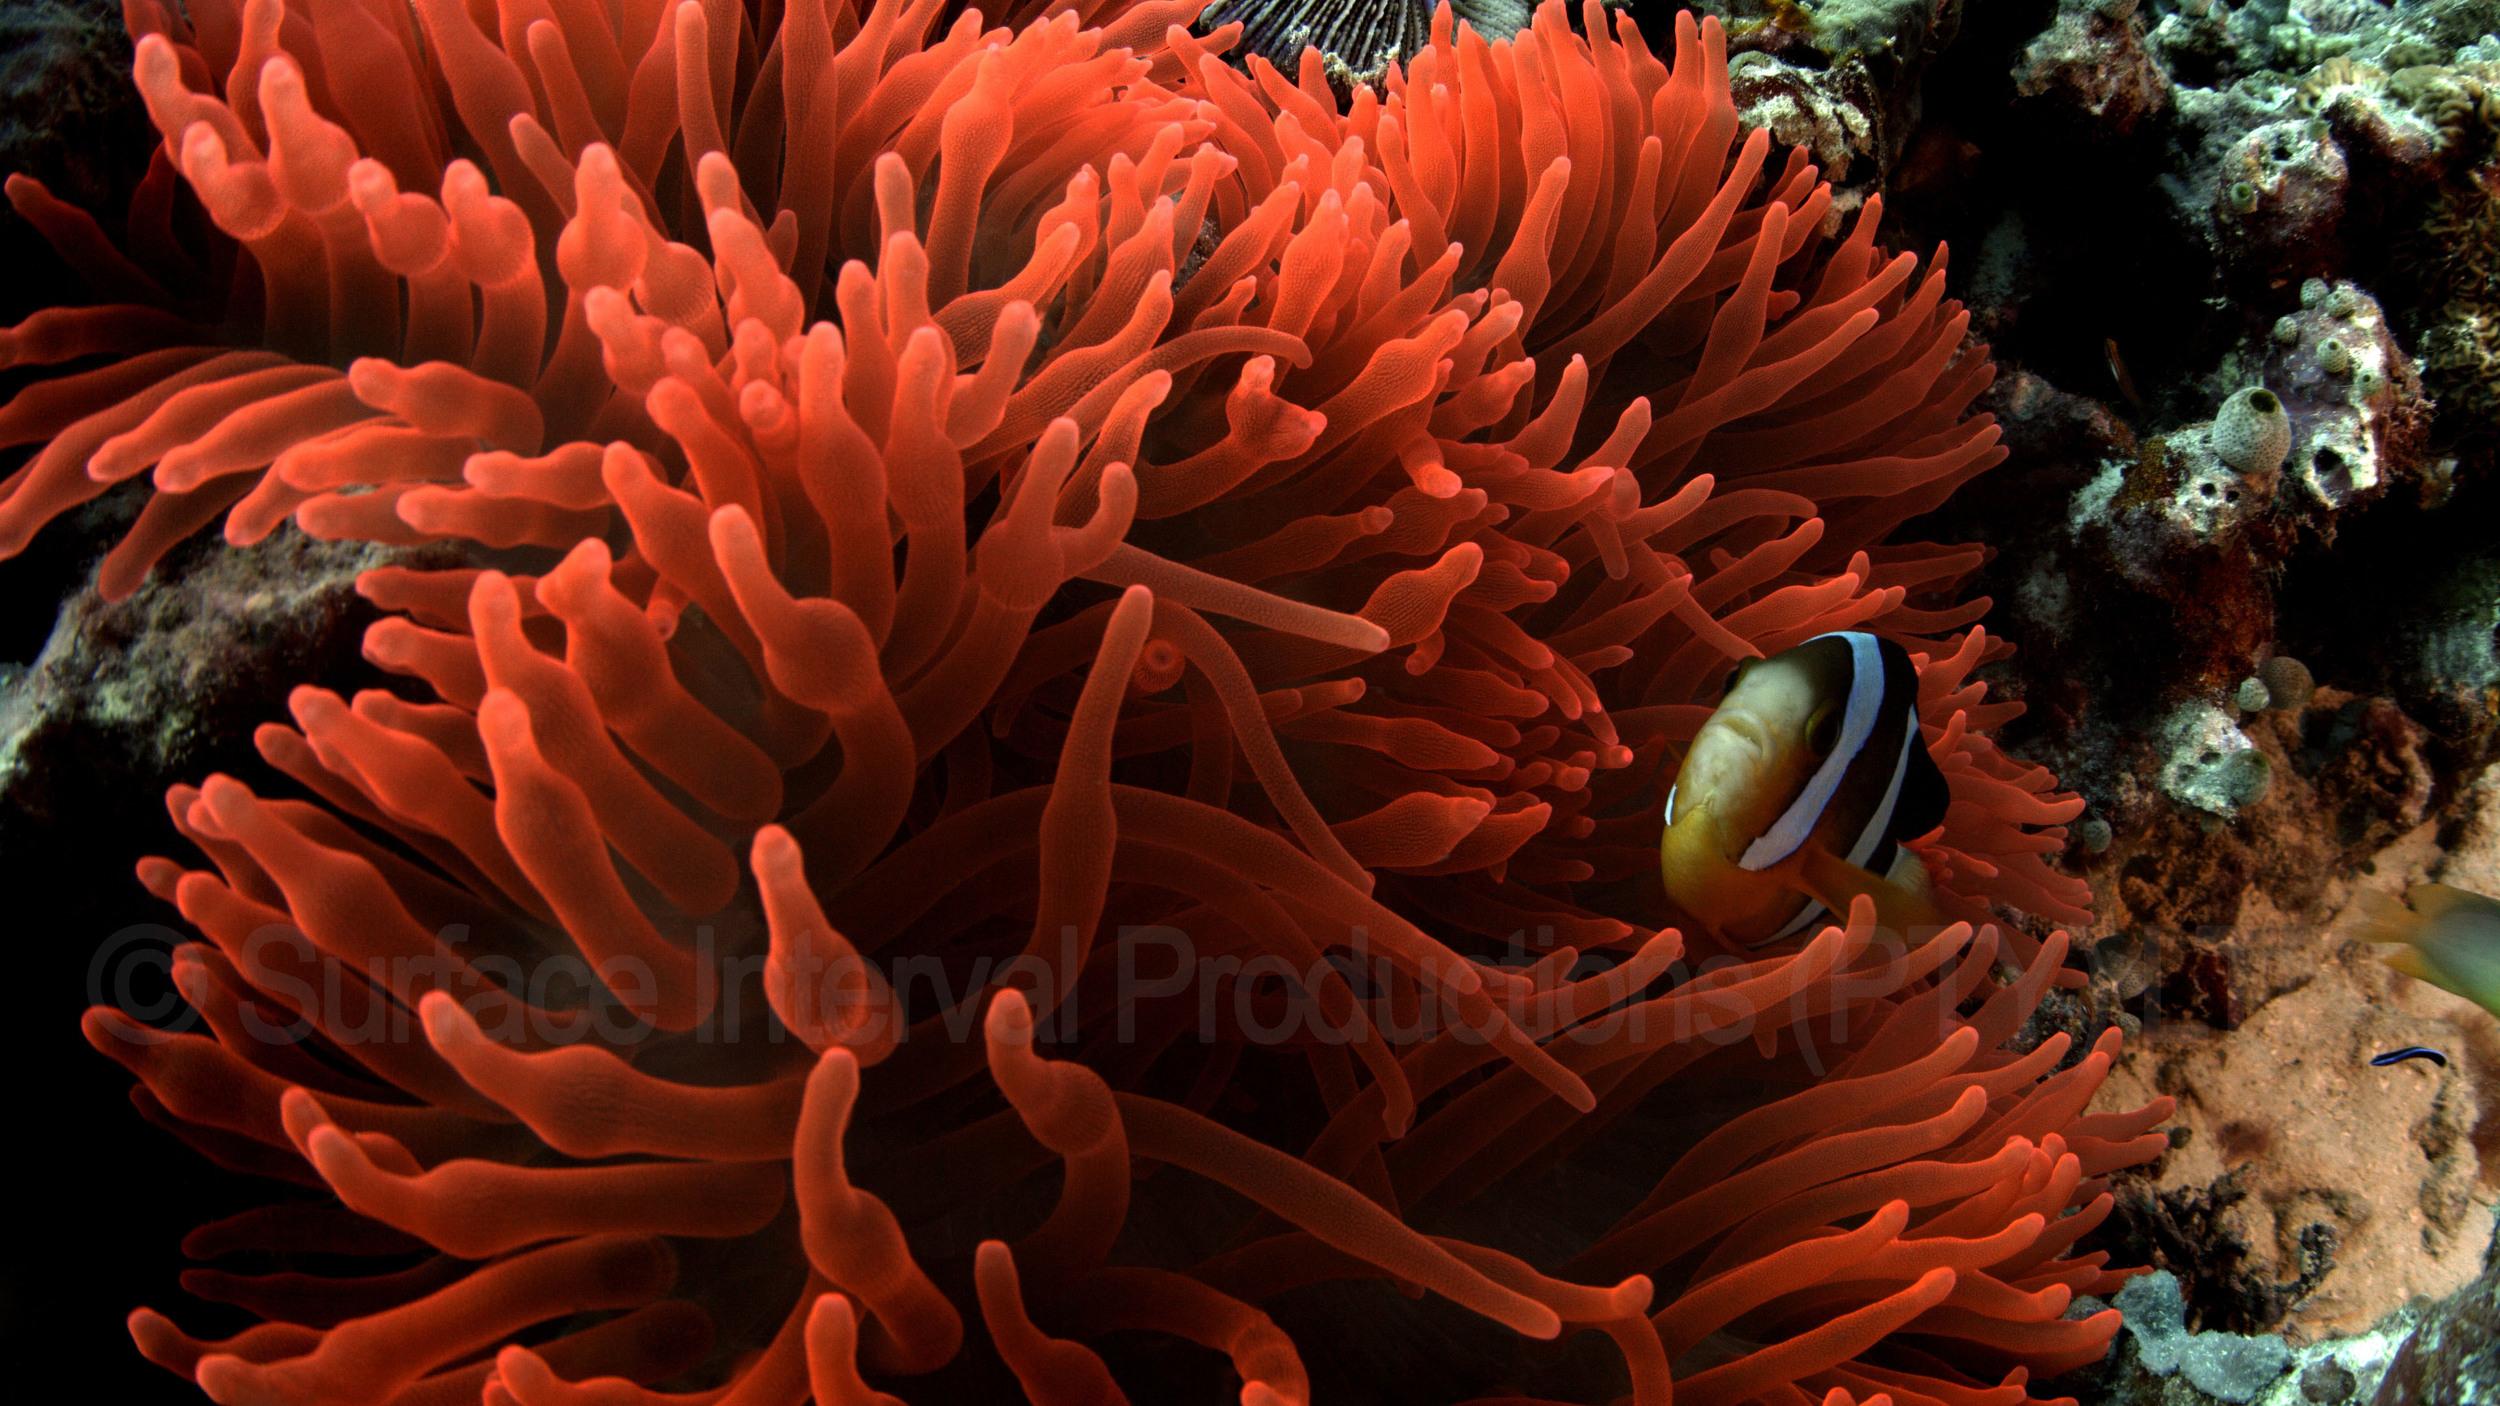 Anemony Red.jpg